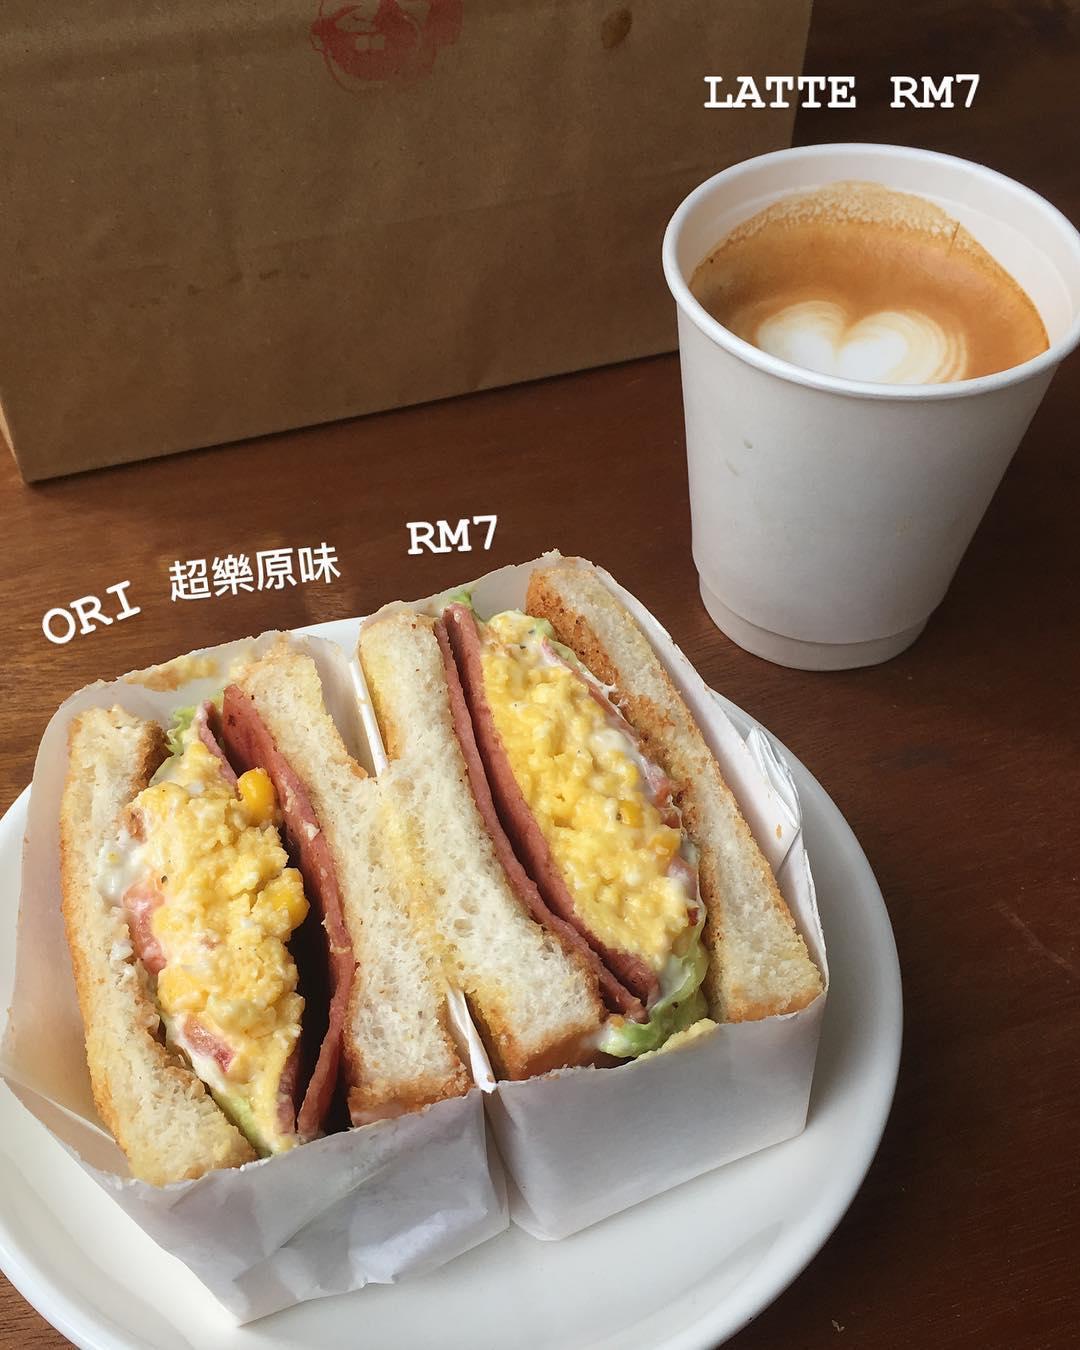 Le Sandwich and Latte